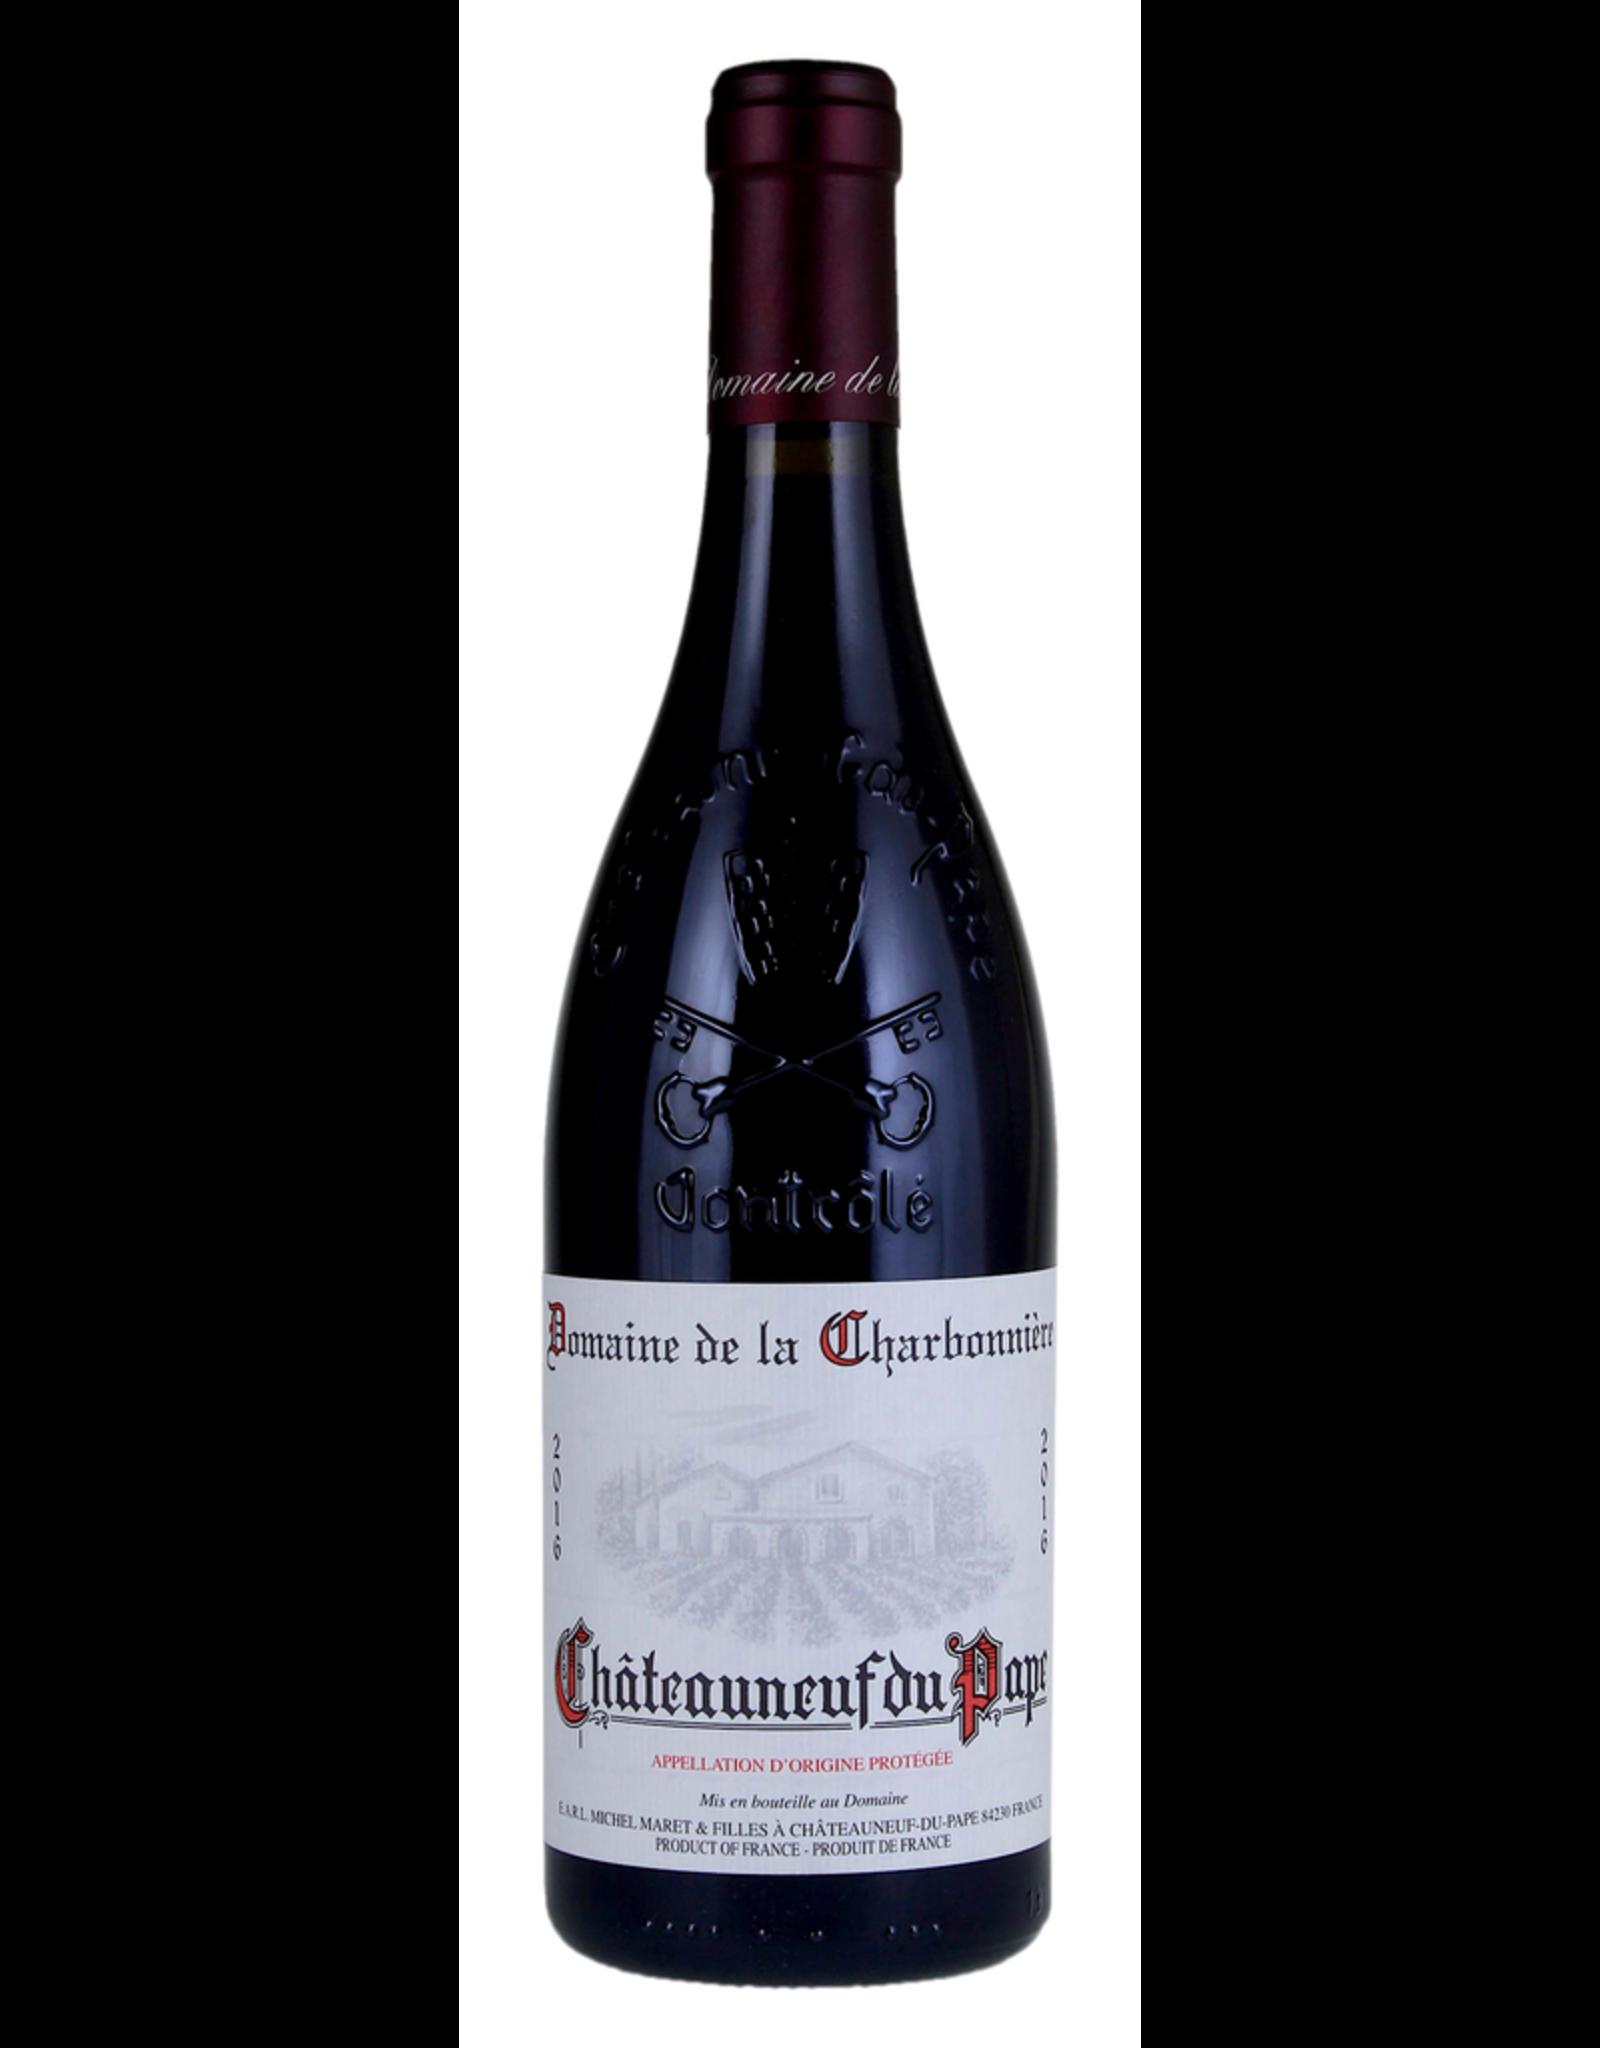 Red Wine 2016, Domaine de la Charbonniere Chateauneuf du Pape, Red Rhone Blend, Chateauneuf-Du-Pape, Southern Rhone, France, 15% Alc, CTnr